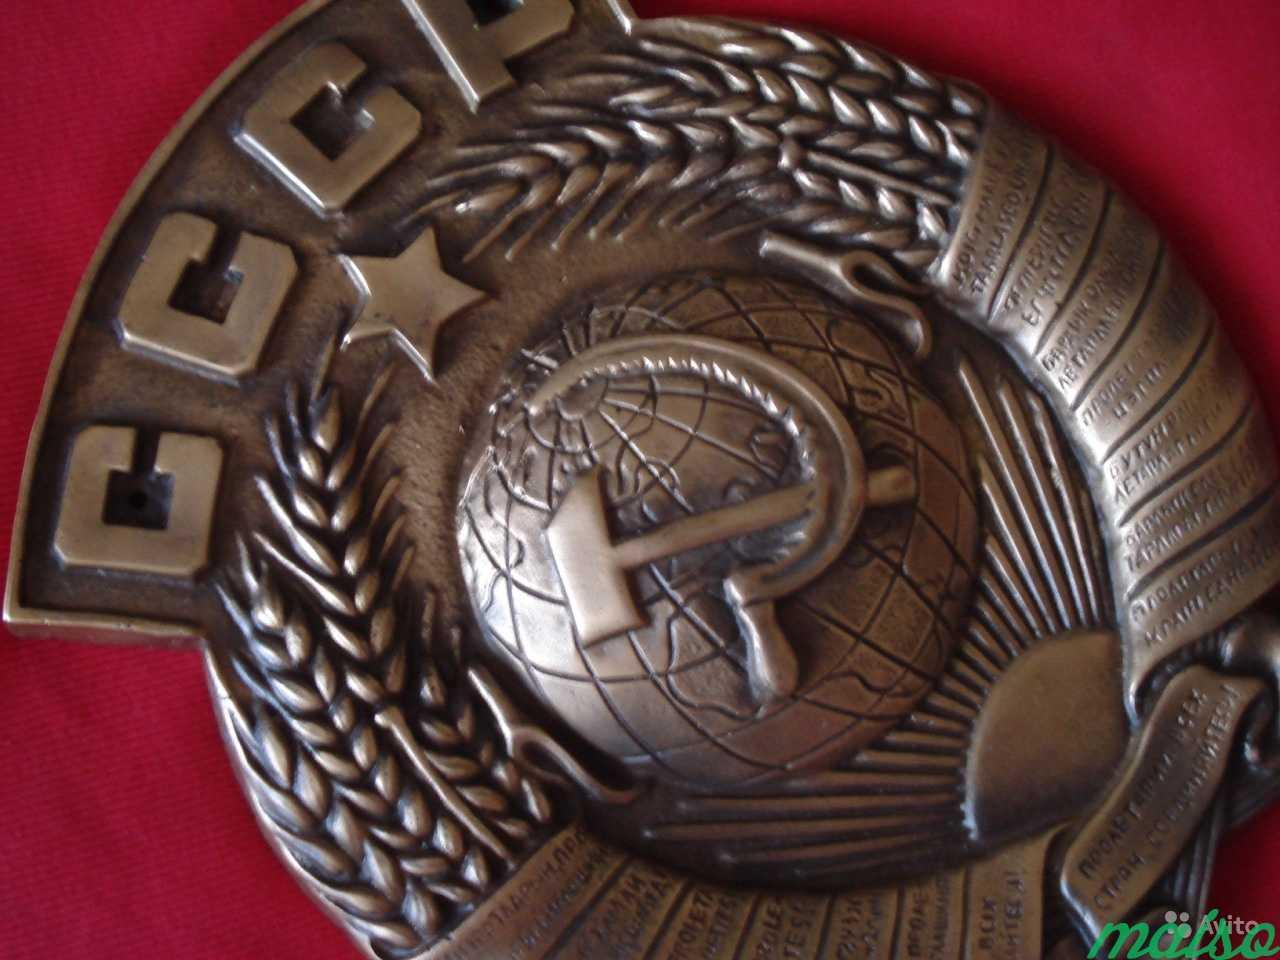 Символика Союза И Часы Песок 33 см в Москве. Фото 6